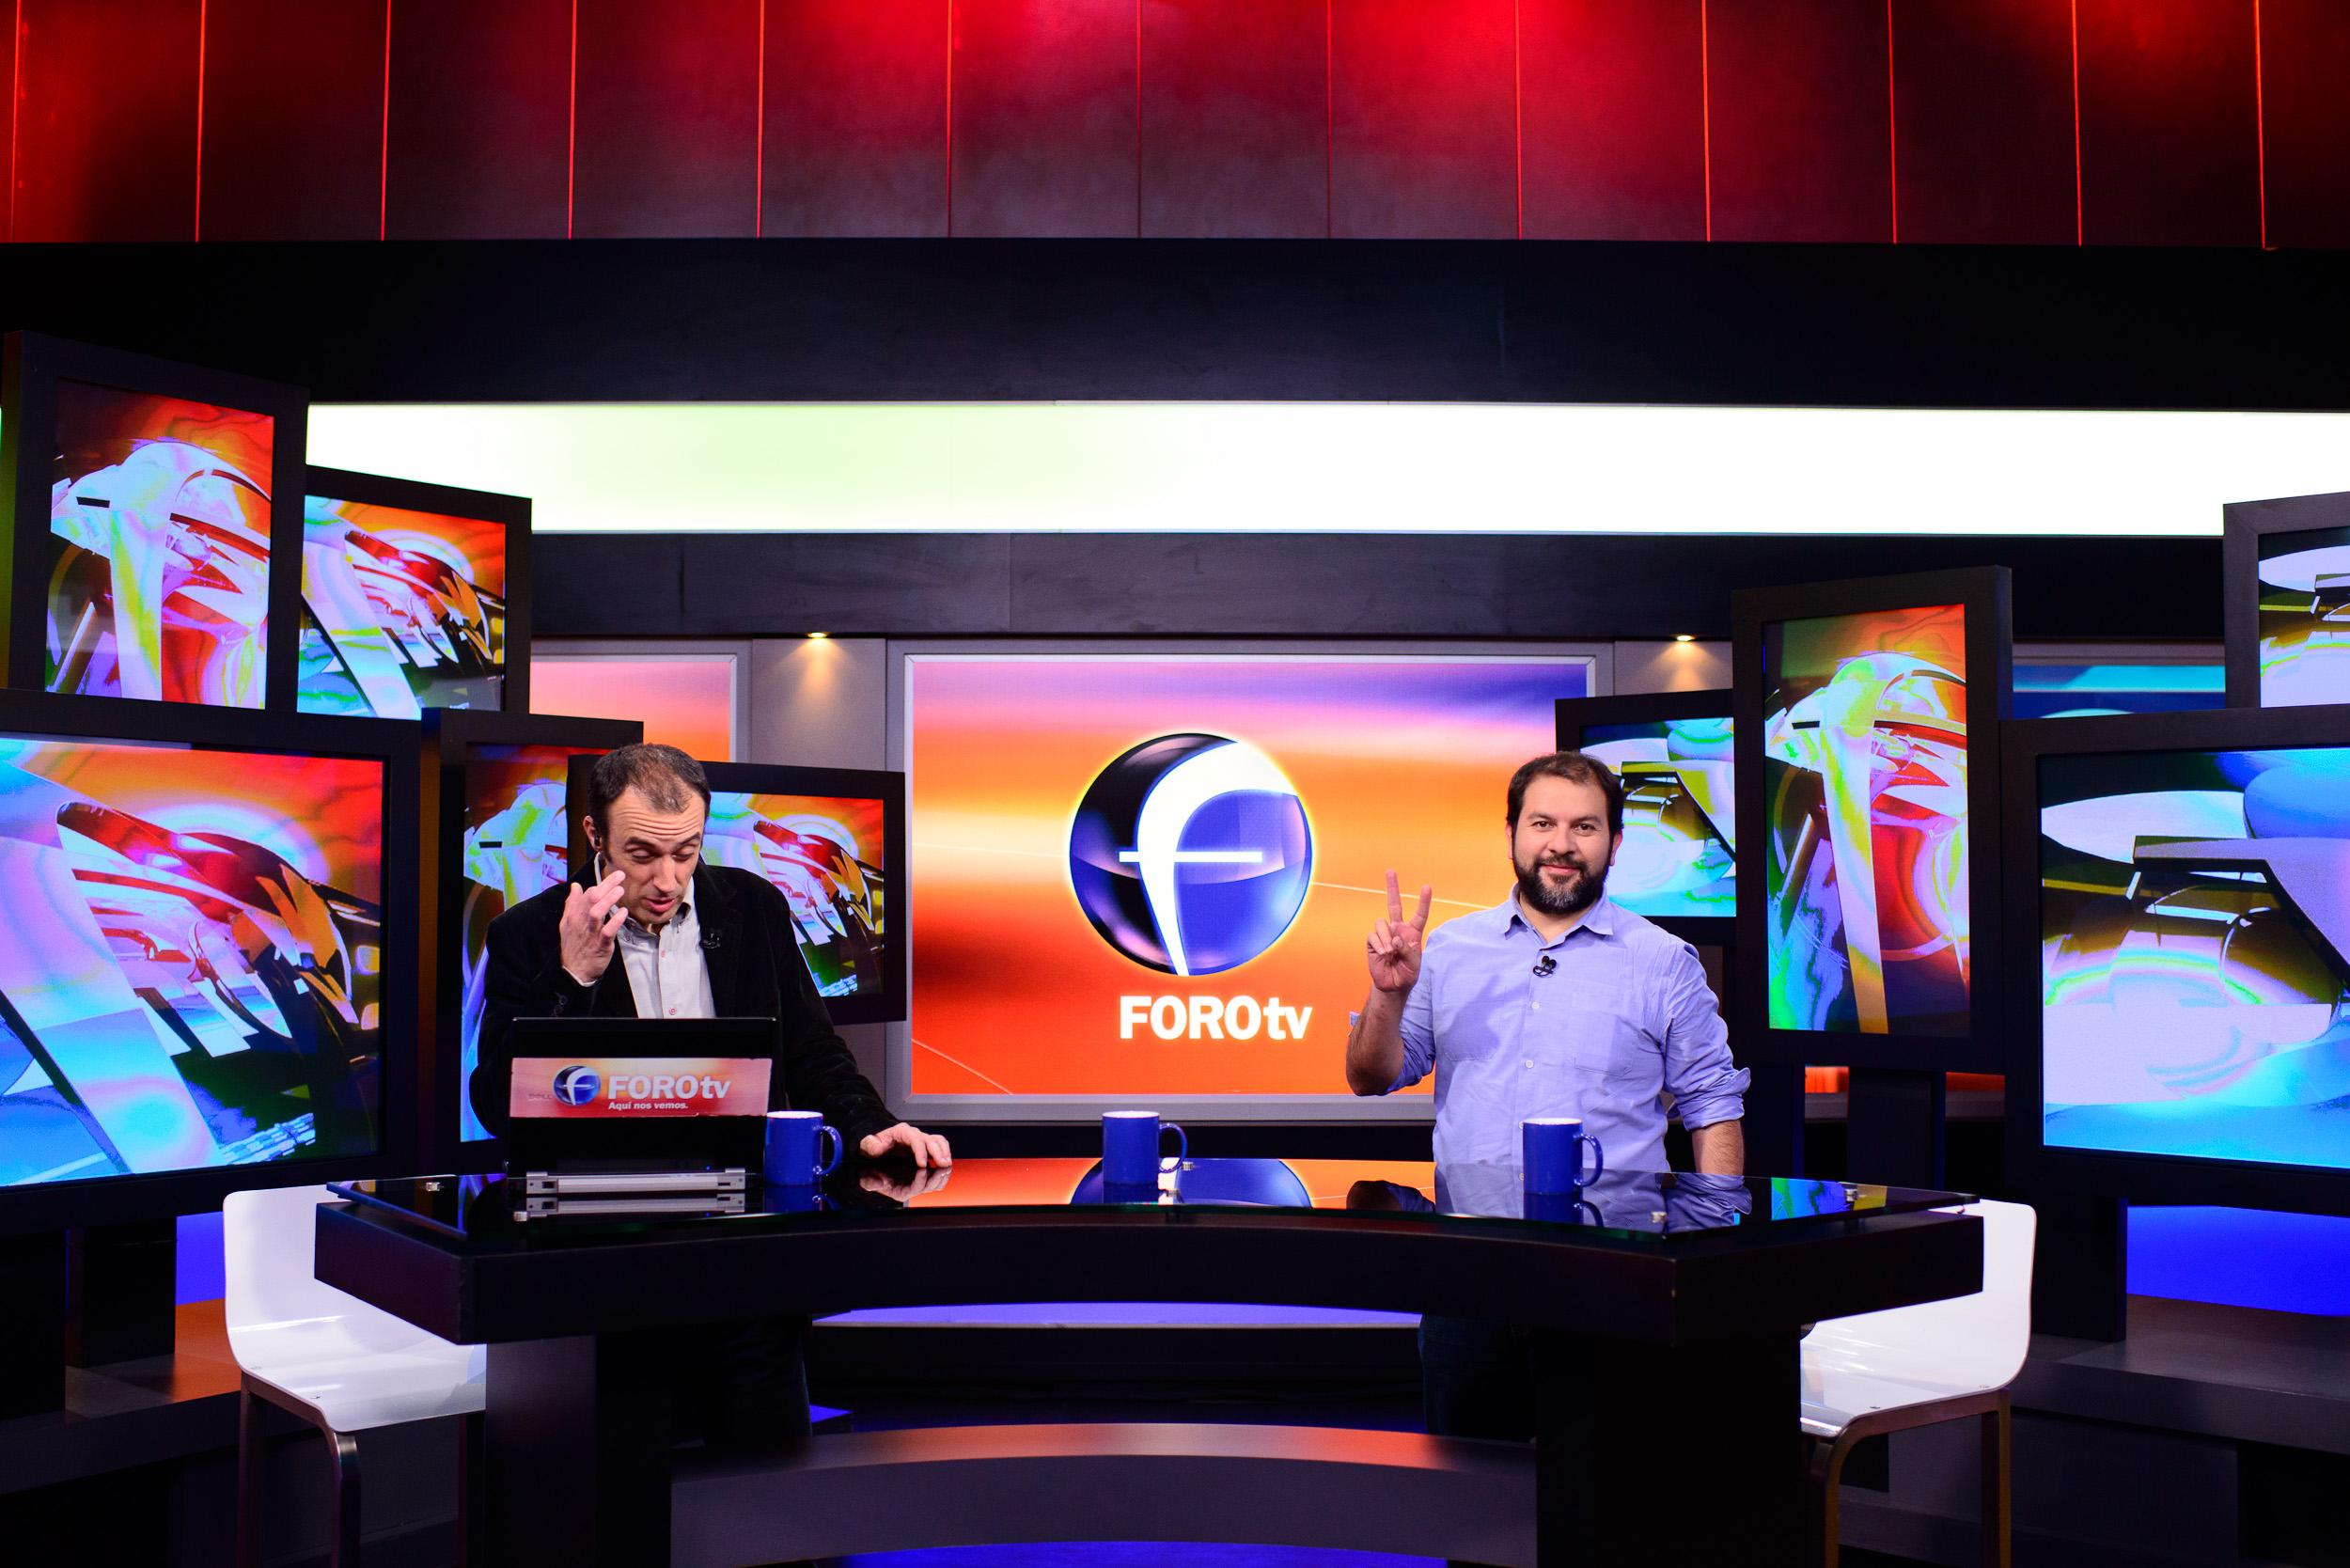 Enrique Olvera Televisa Interview with Julio Patan and Nicolas A